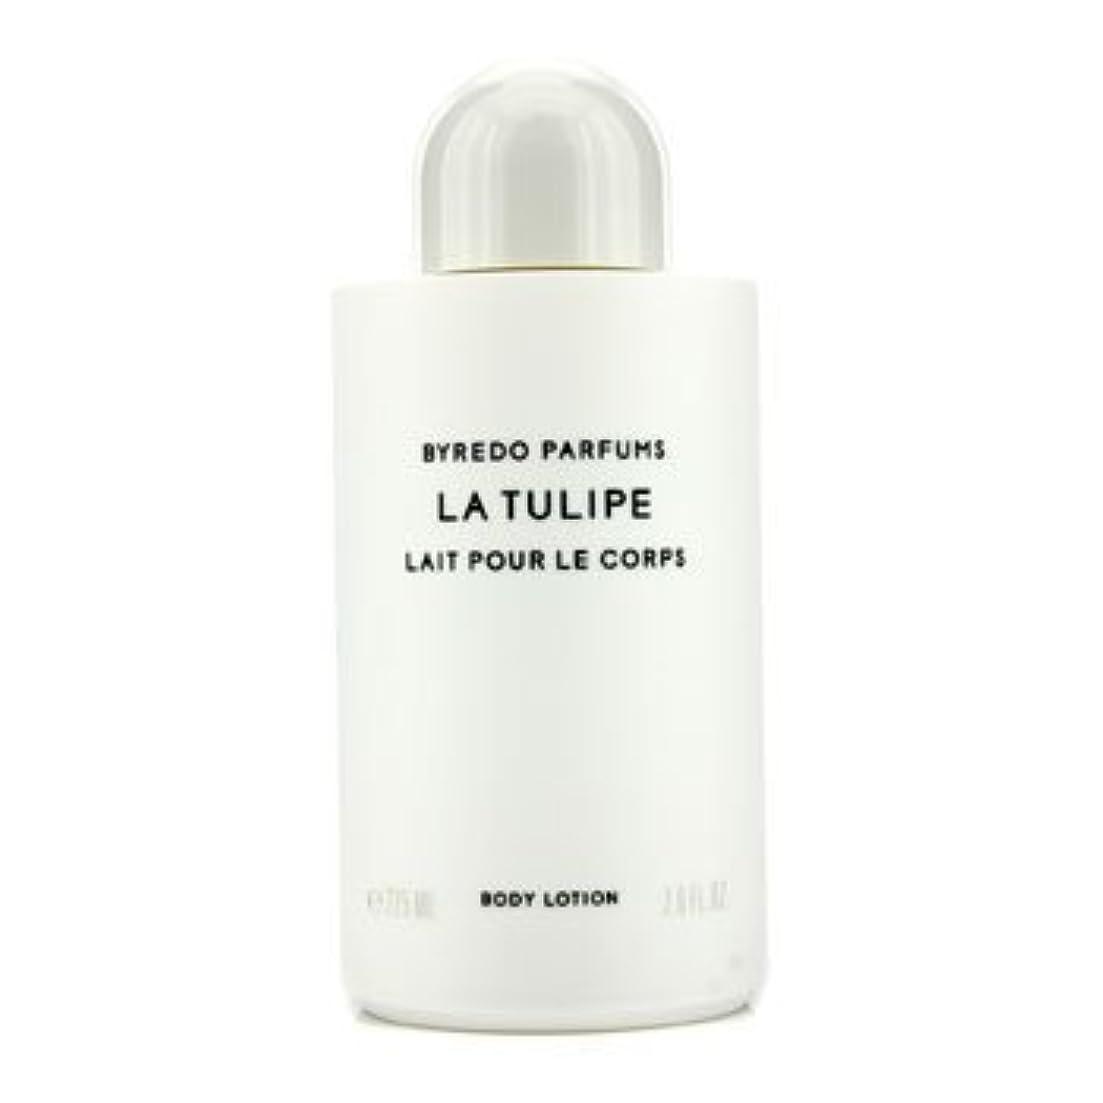 ペルメル取得する遷移Byredo La Tulipe Body Lotion For Women 225Ml/7.6Oz by Byredo [並行輸入品]